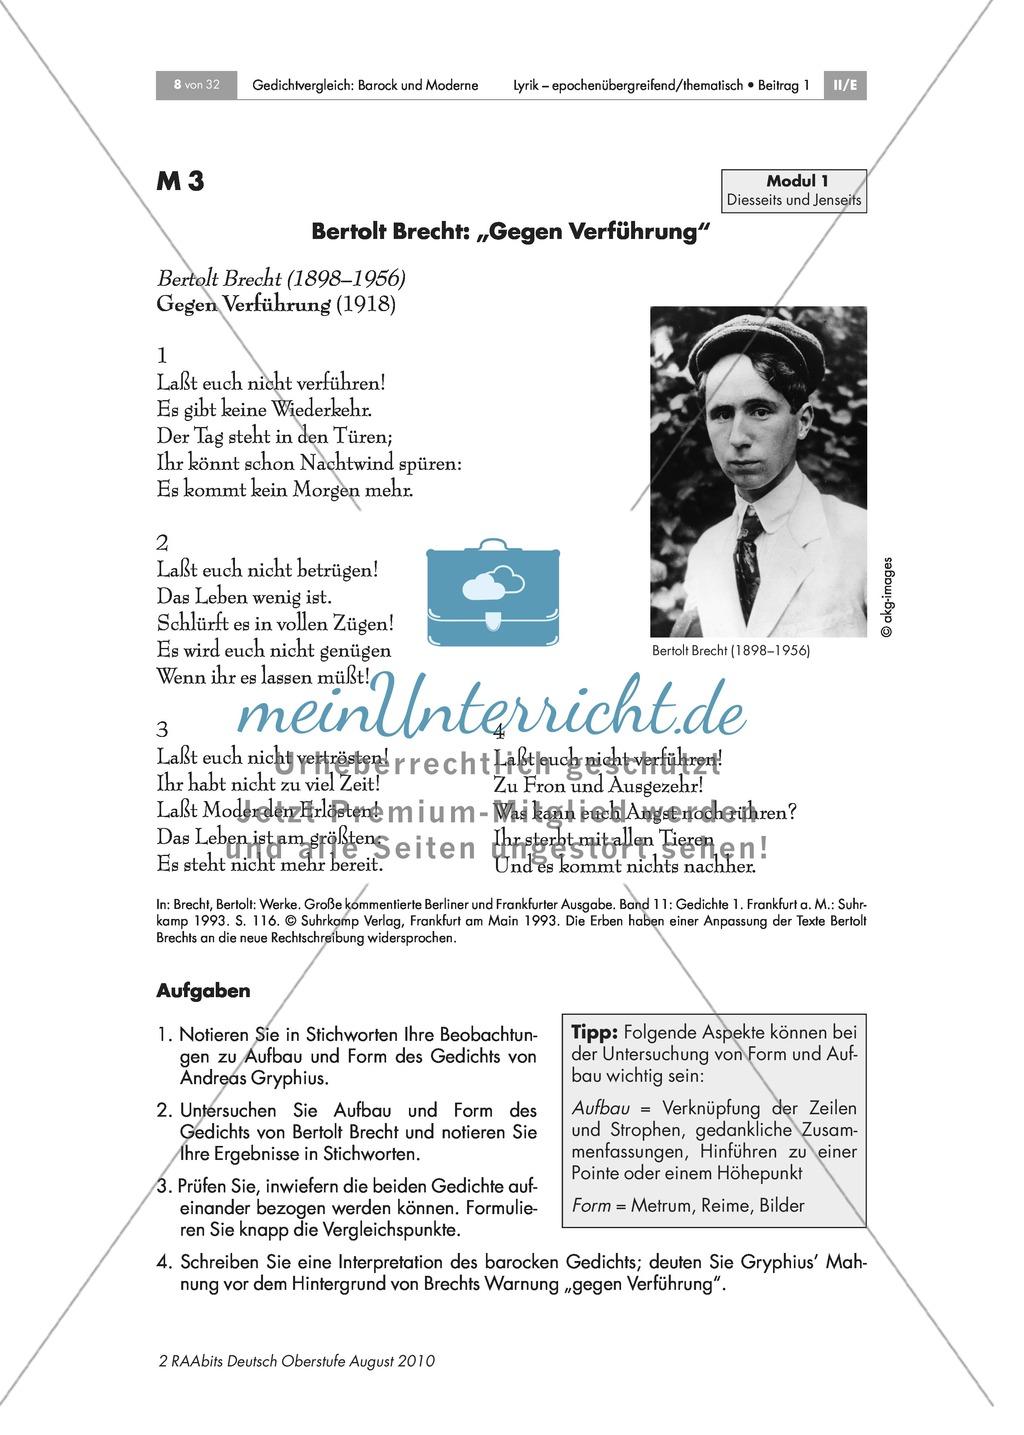 Gedicht: Bertolt Brecht: